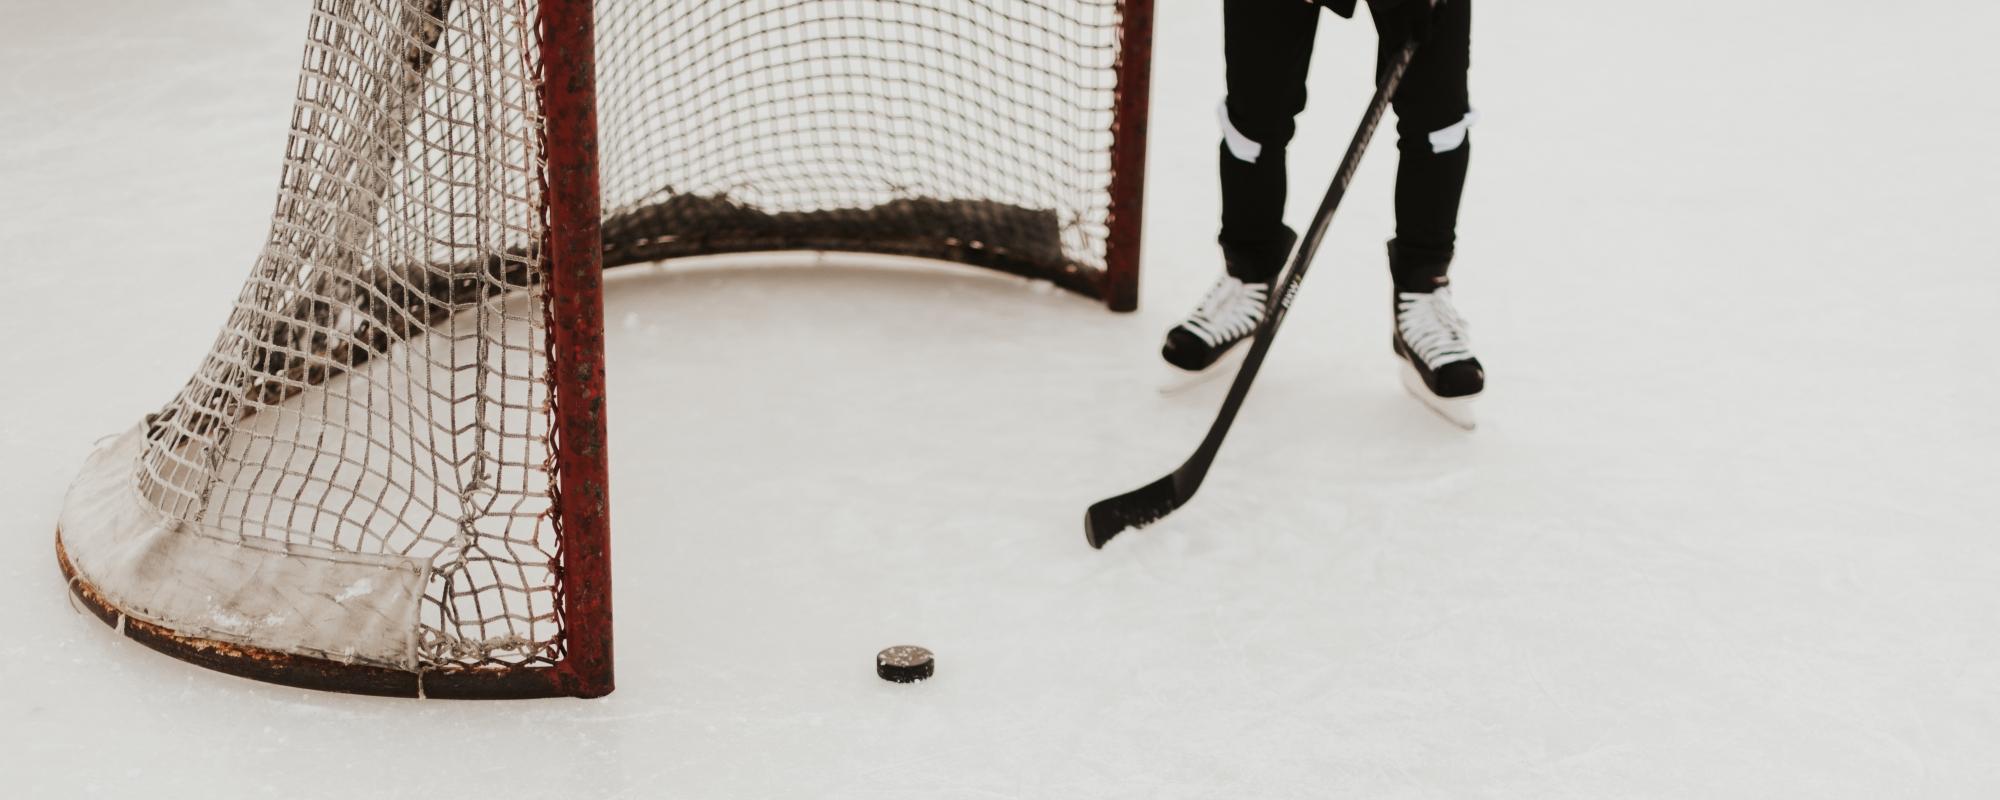 En person spelar ishockey. Står framför ett hockeymål.